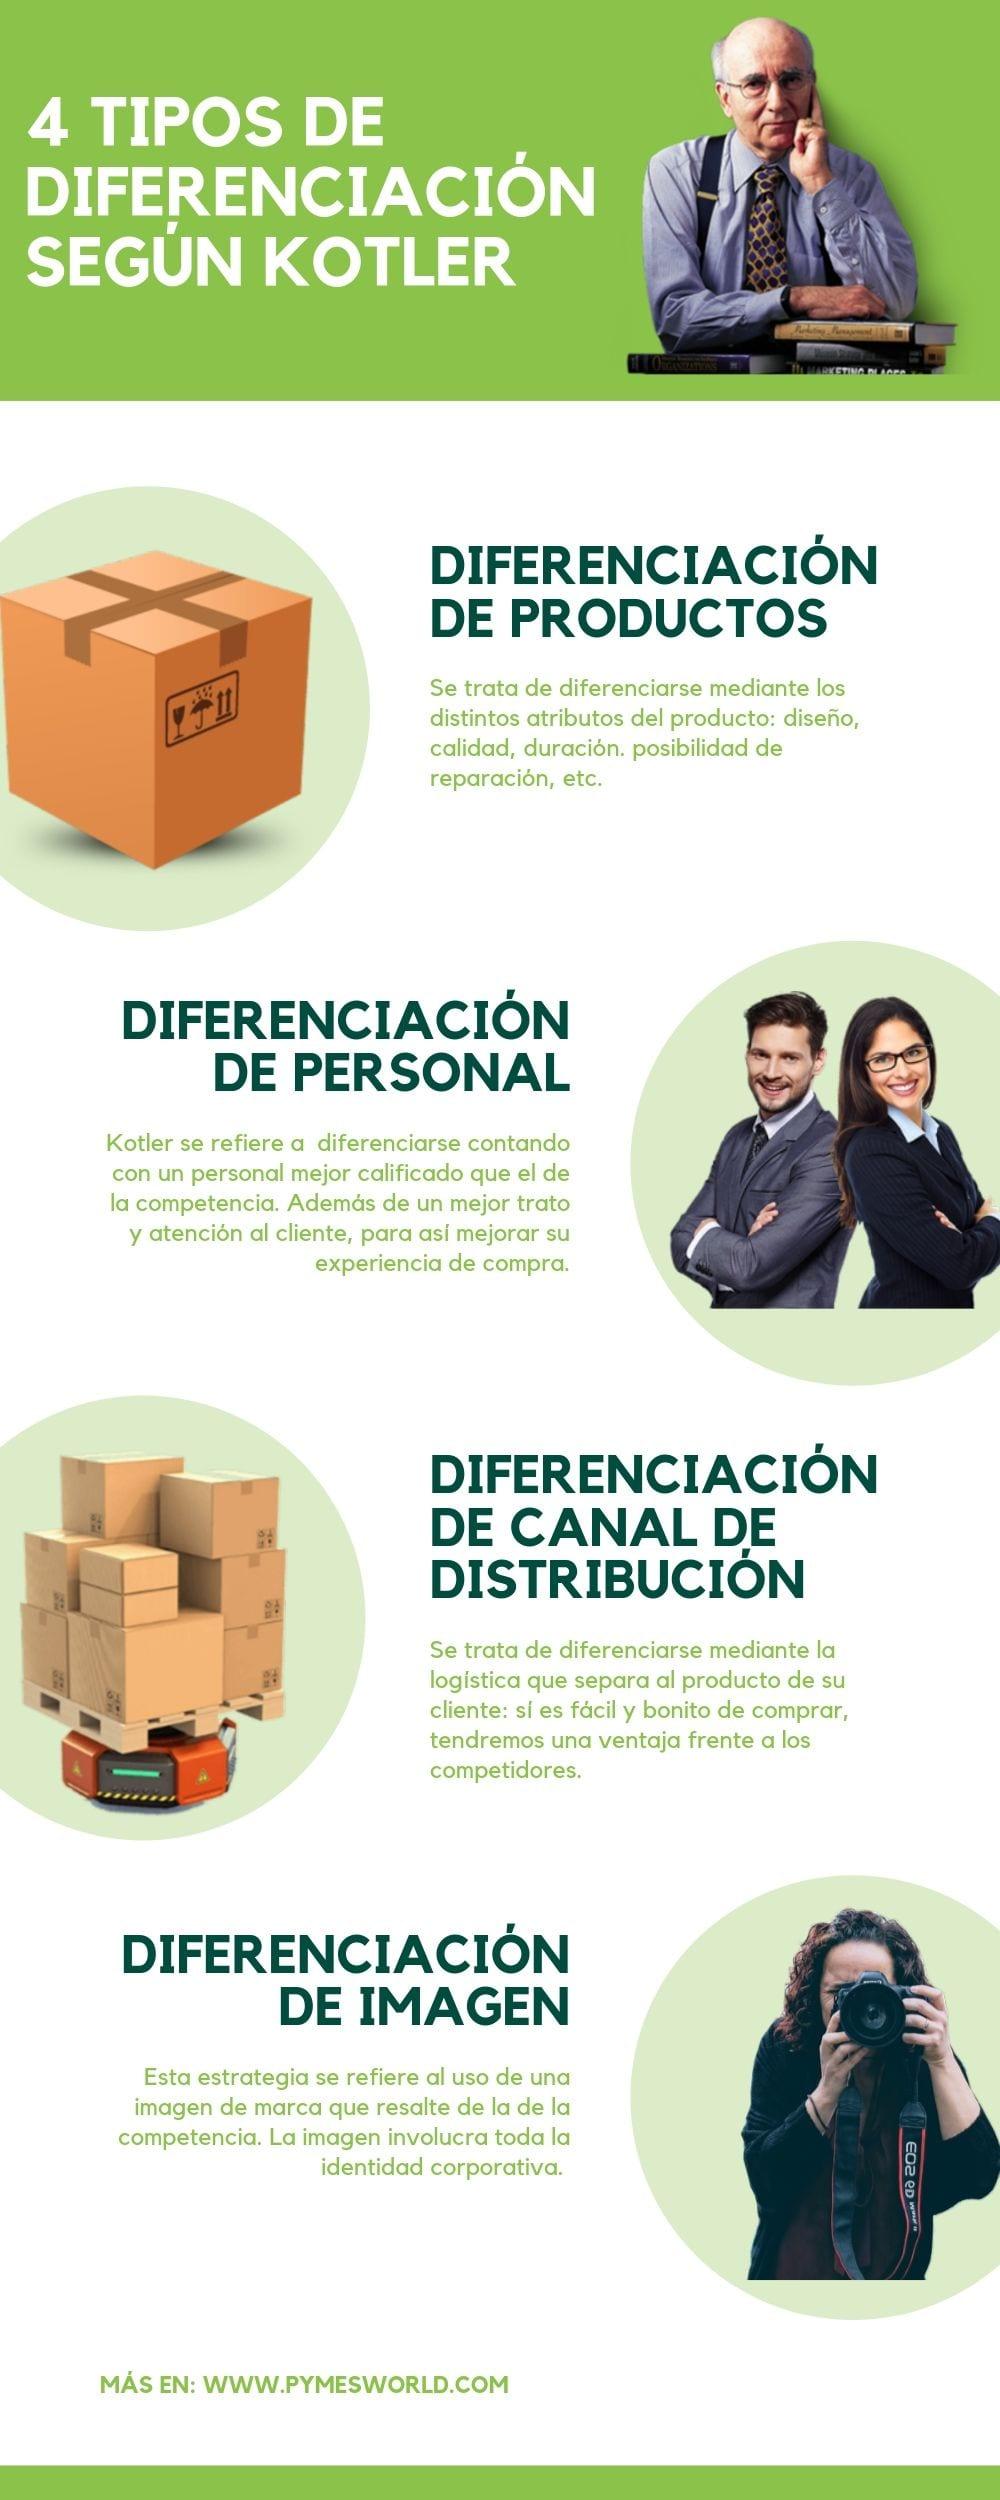 Diferenciación de empresas